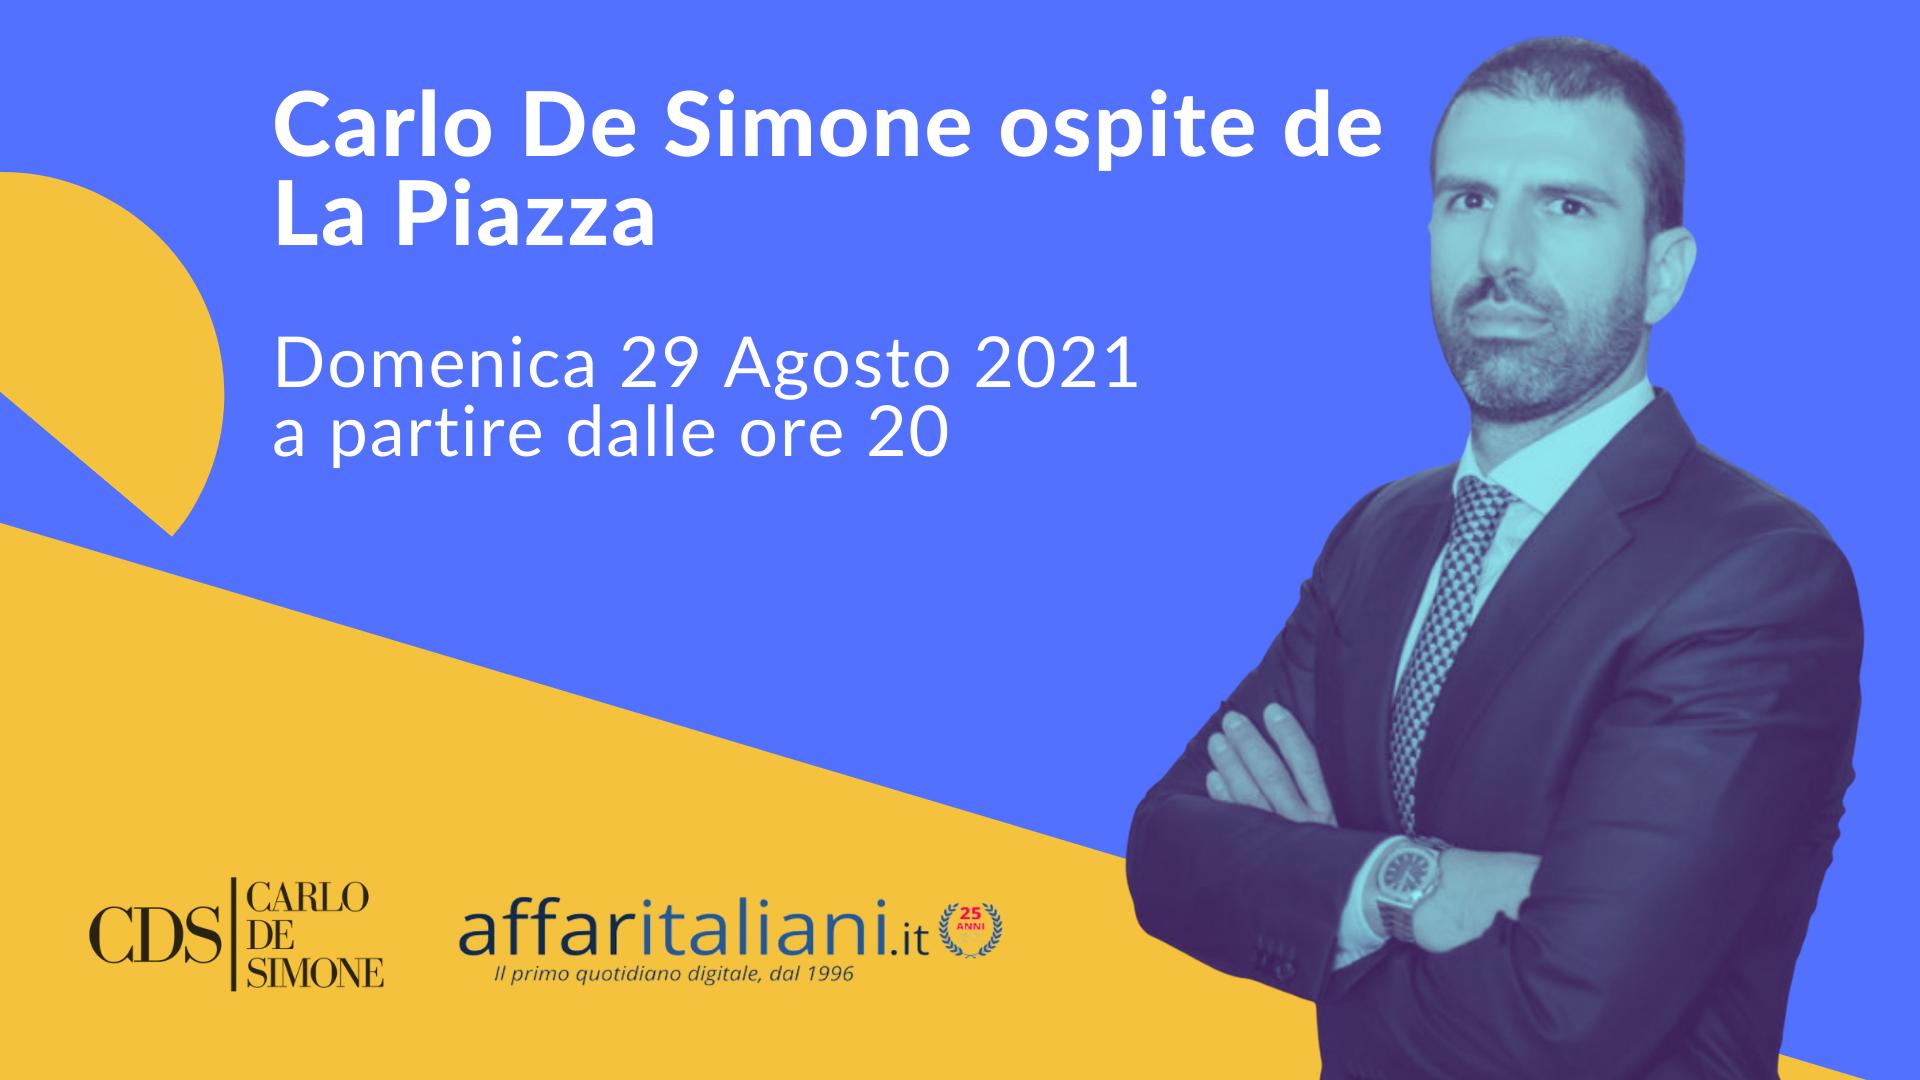 carlo de simone ospite de la piazza di affari italiani